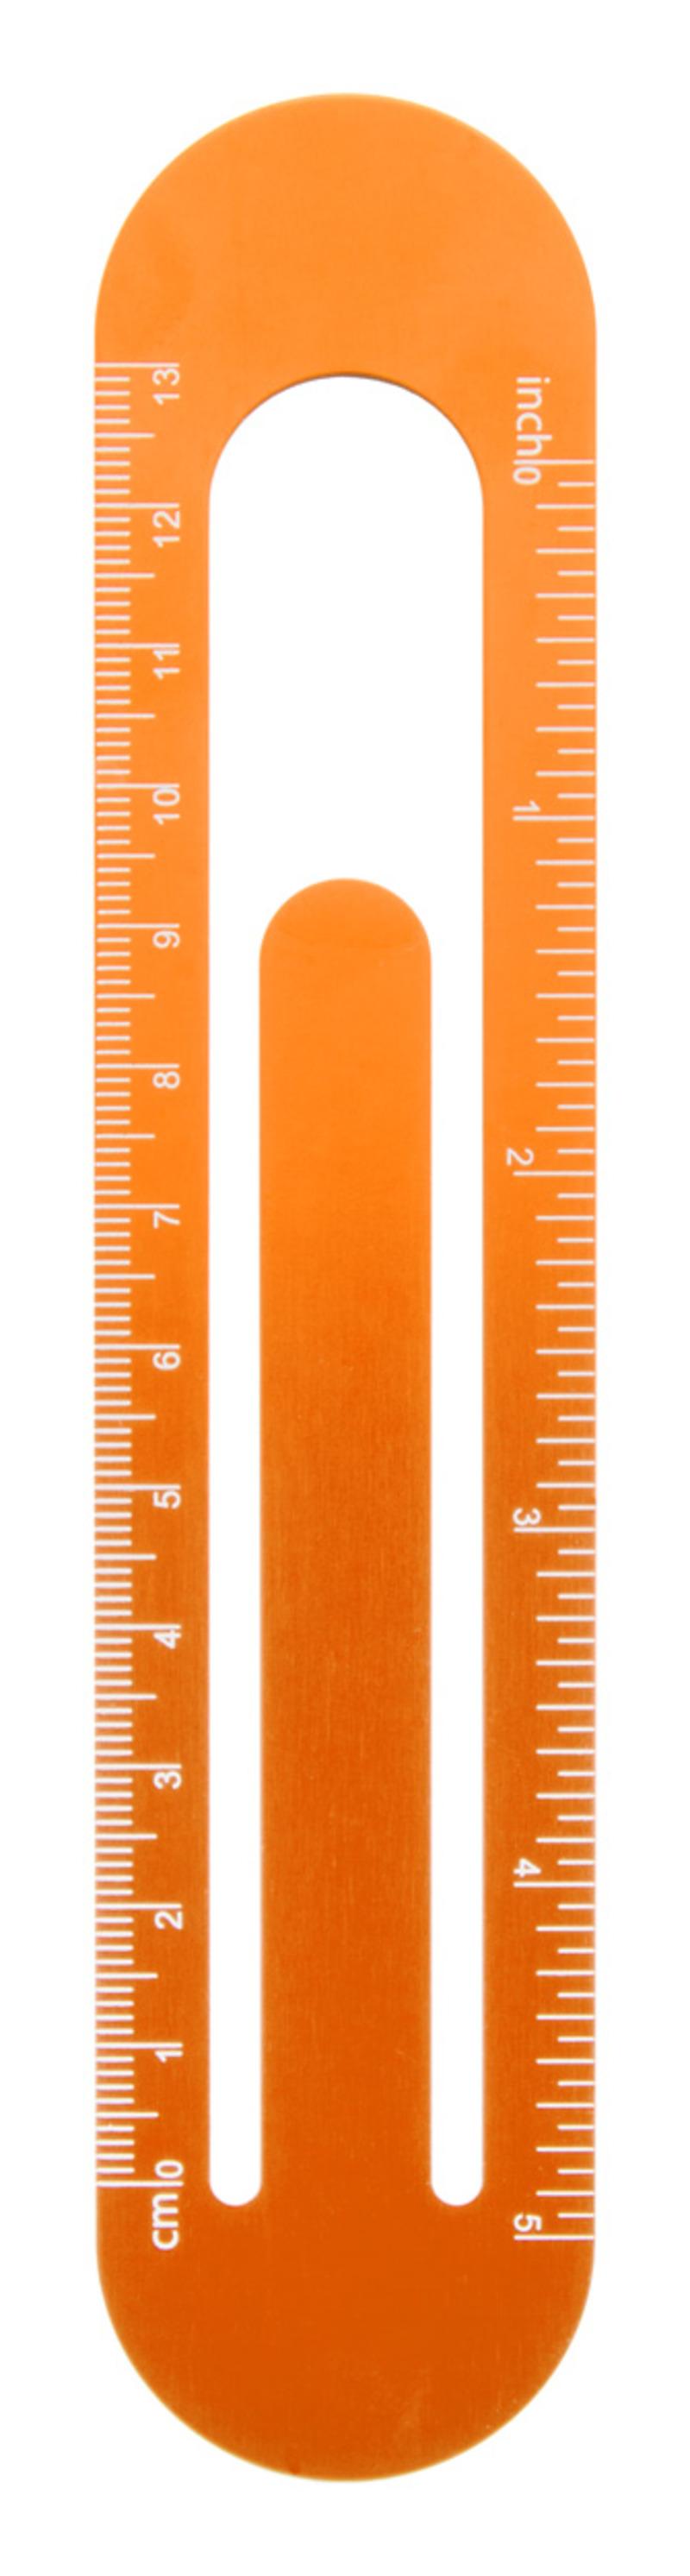 Contek bookmark